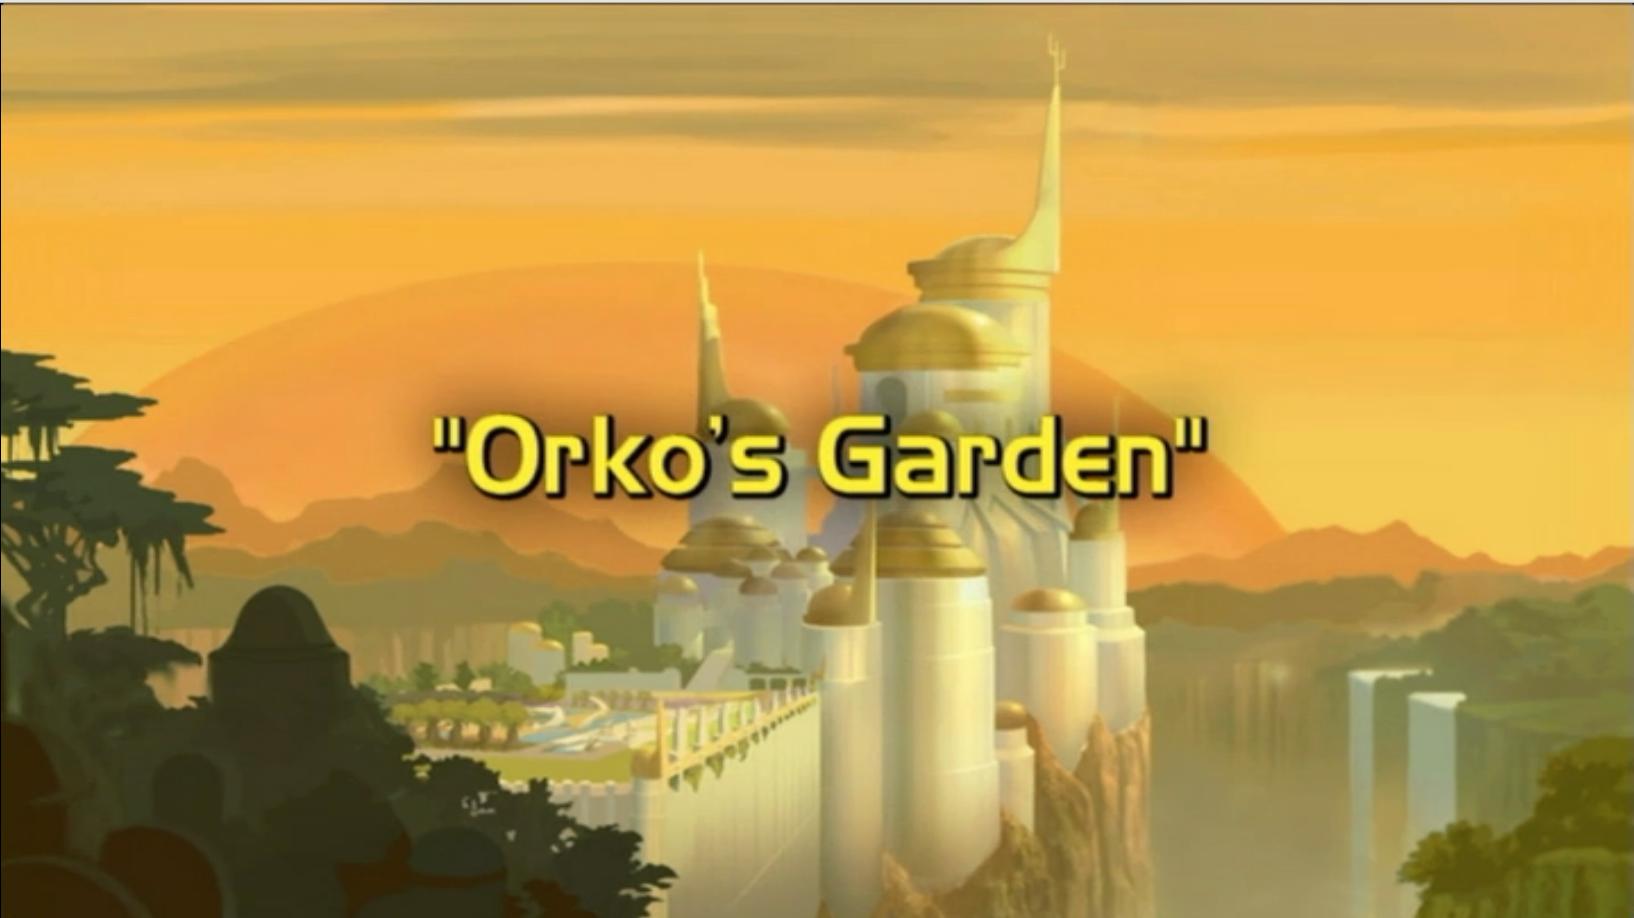 Orko's Garden